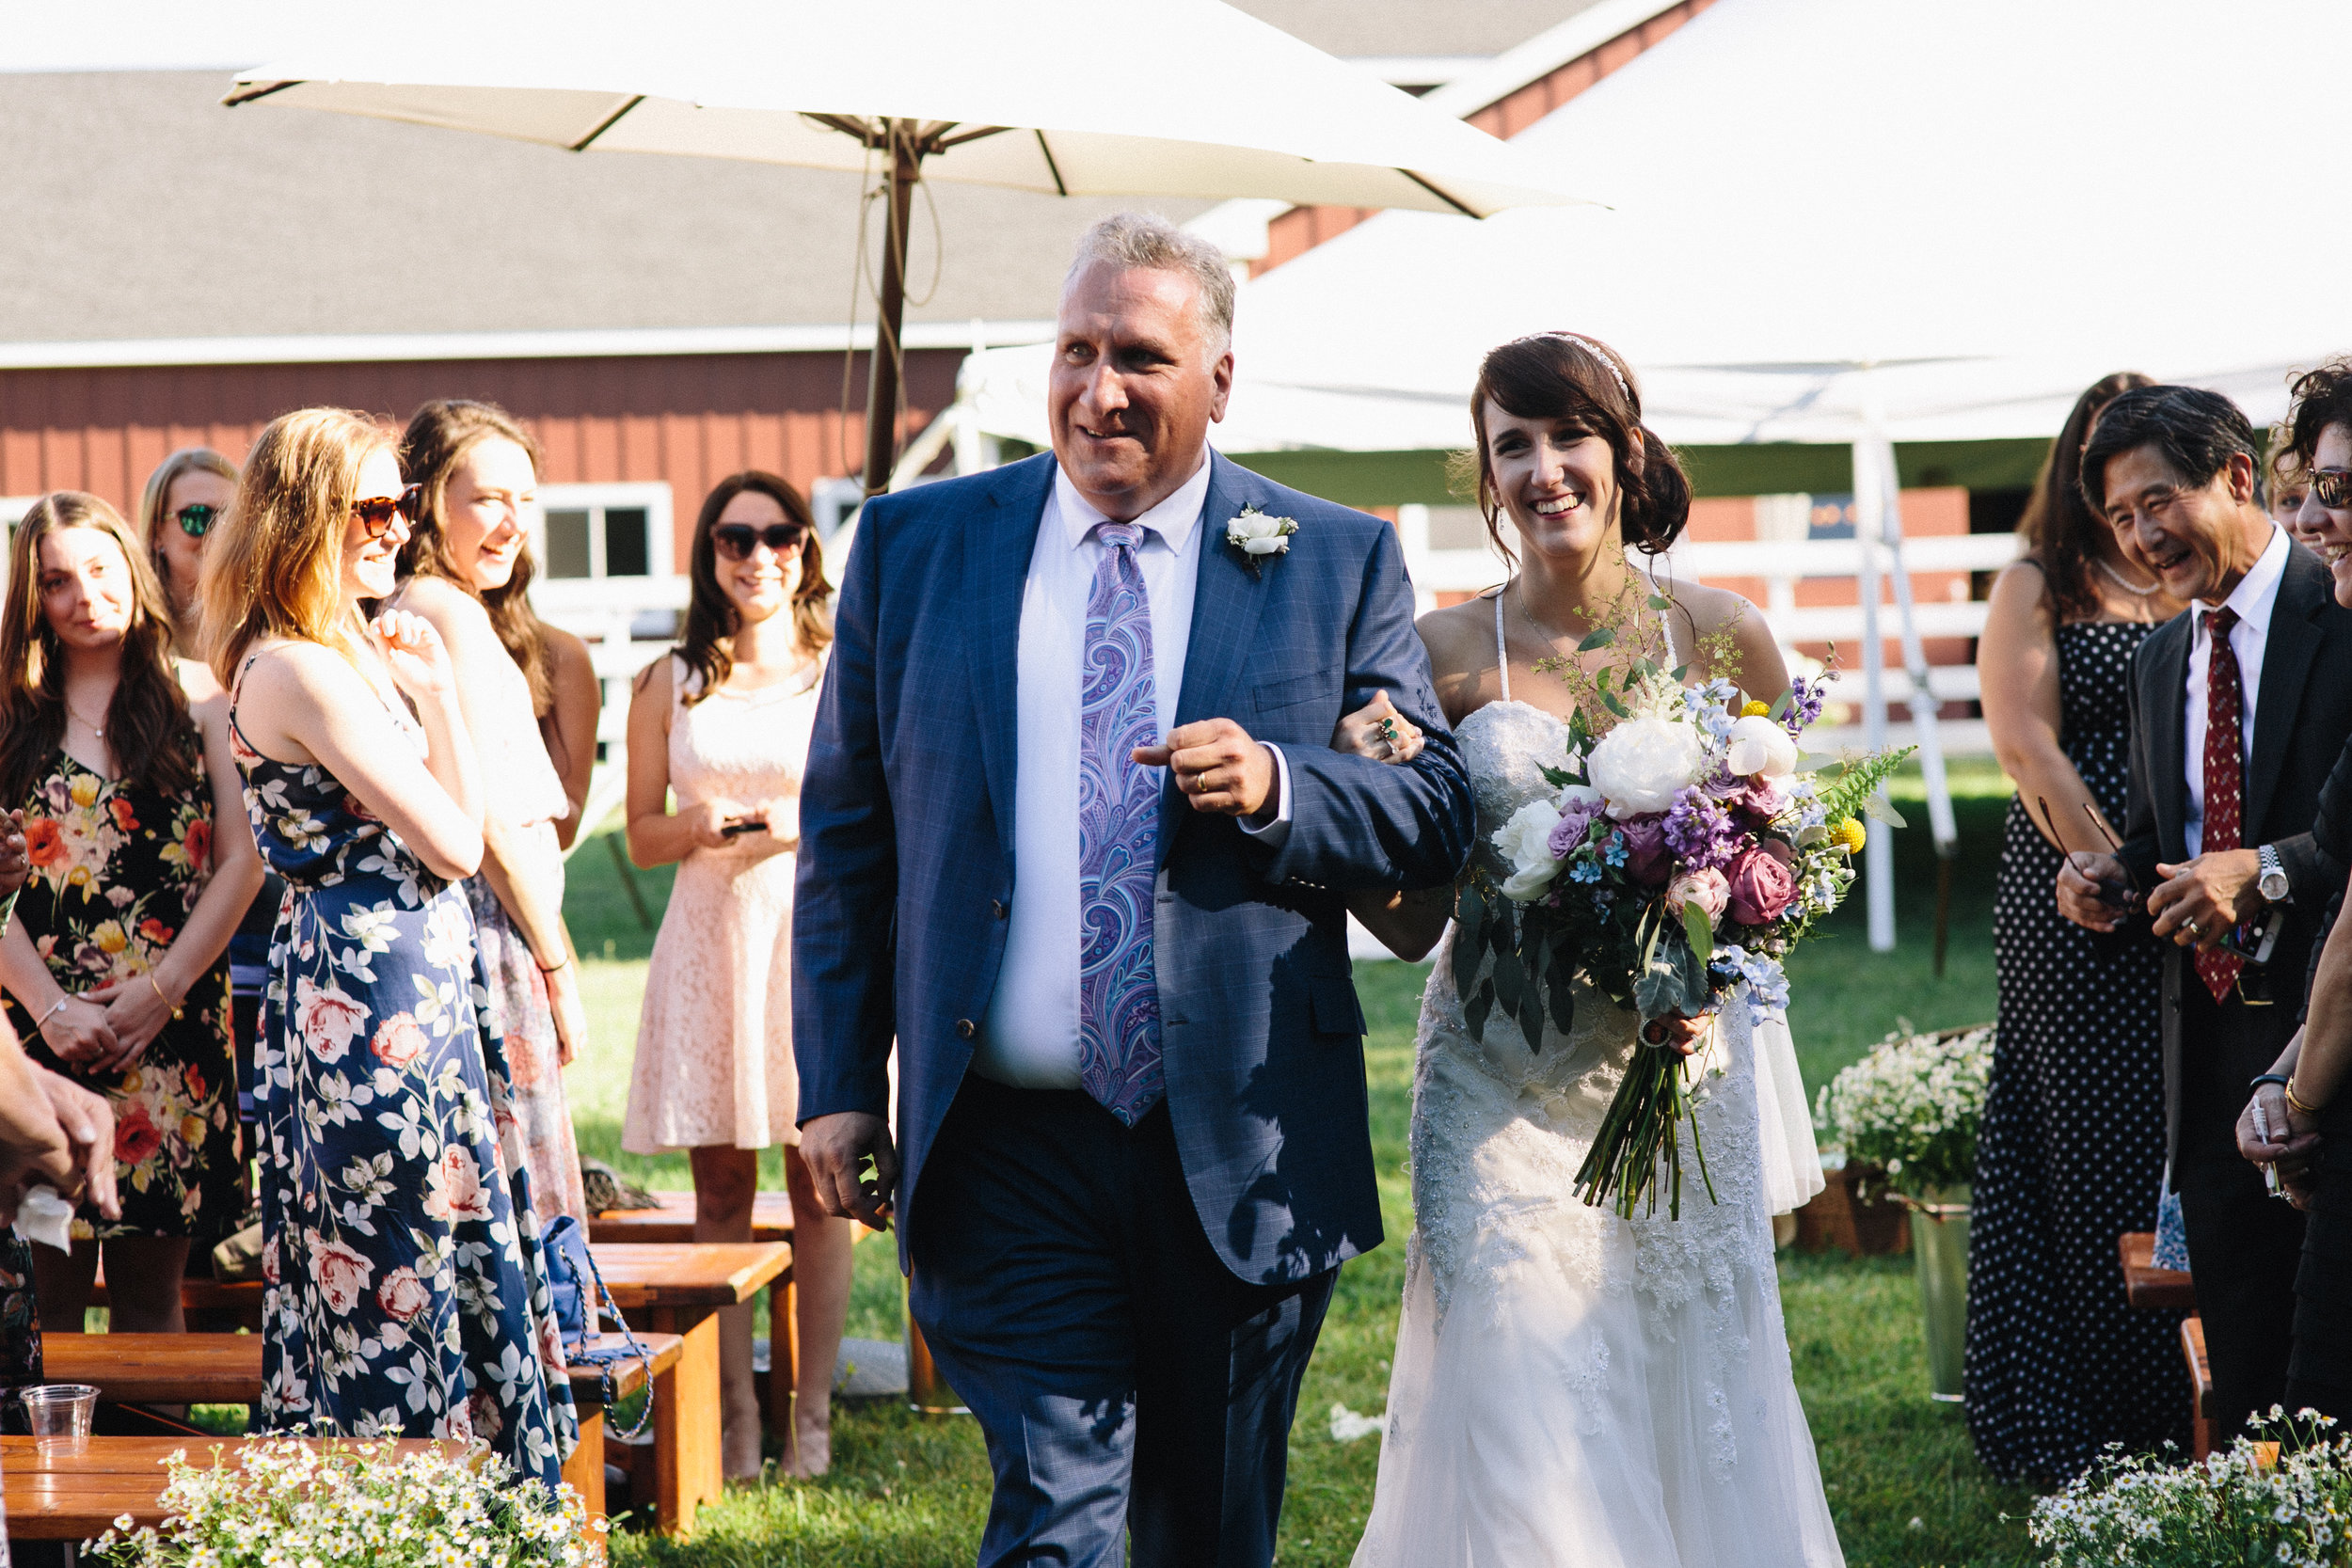 480_Jared_Kristen_wedding.jpg